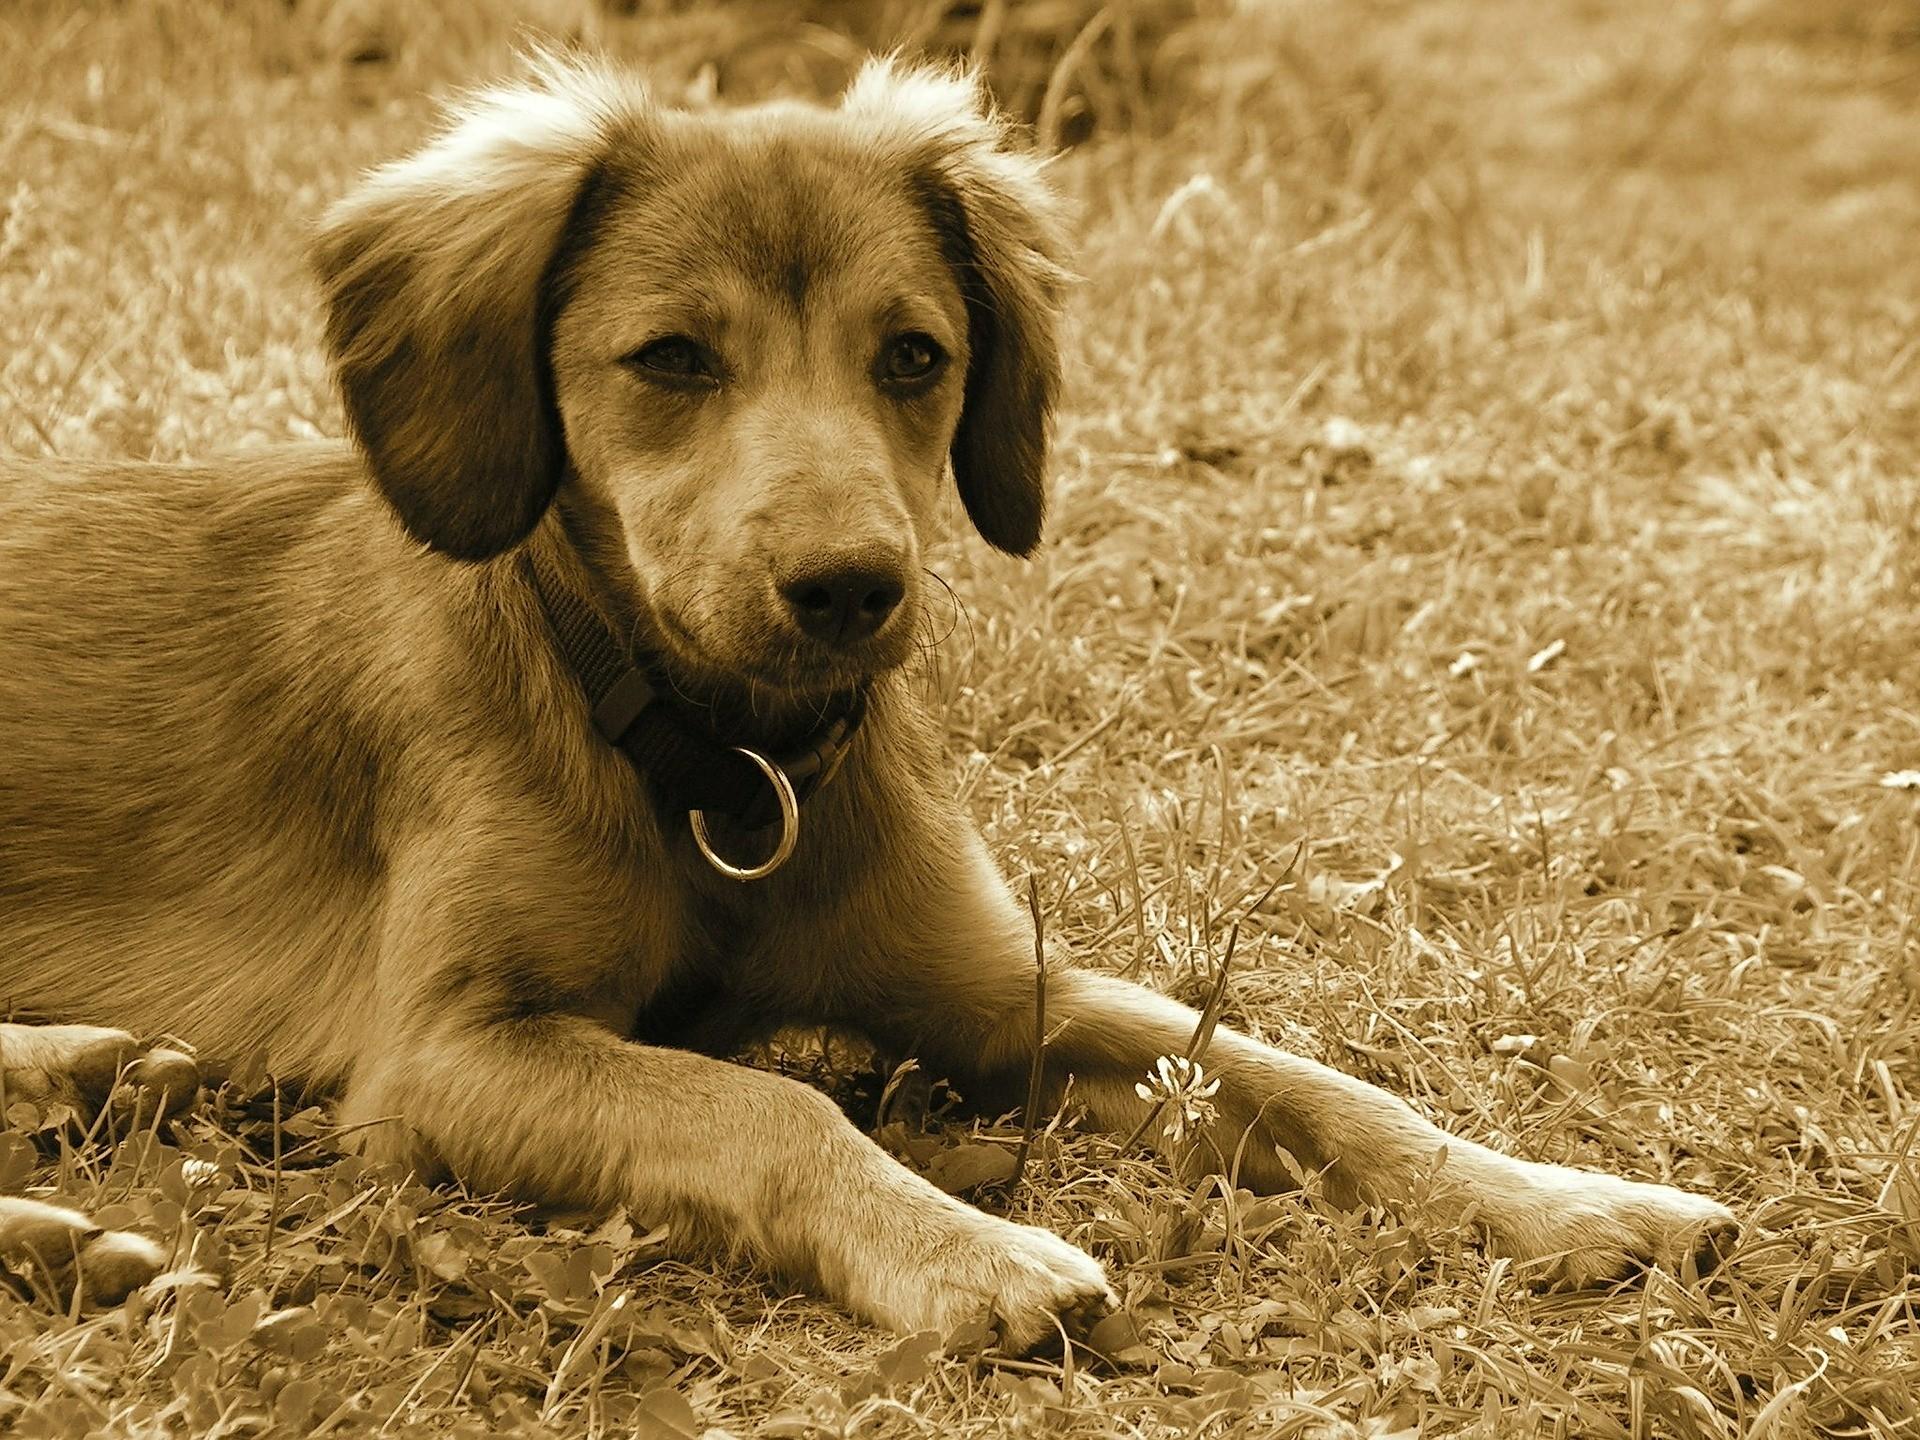 Hundehalsband Test Vergleich